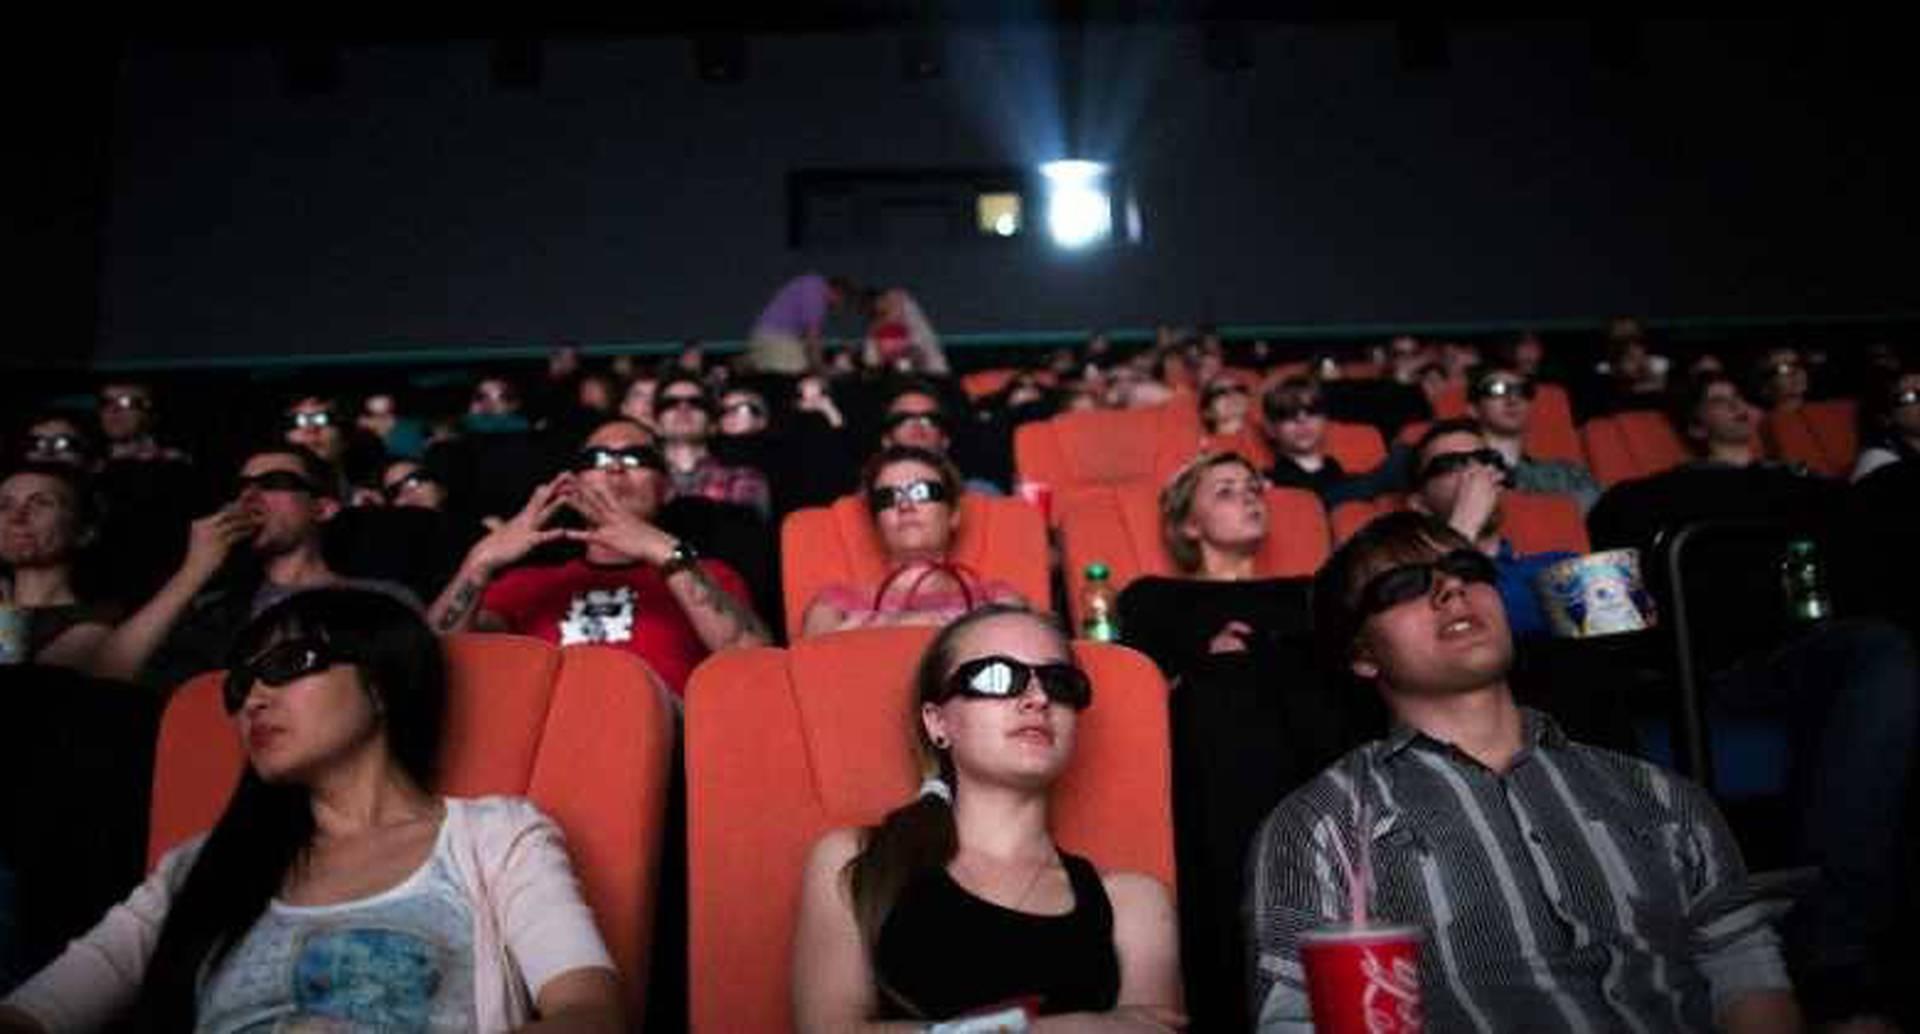 La reactivación de actividades como el cine es clave para que el sector vuelva a crecer. Esto solo se lograría a partir del 2021.